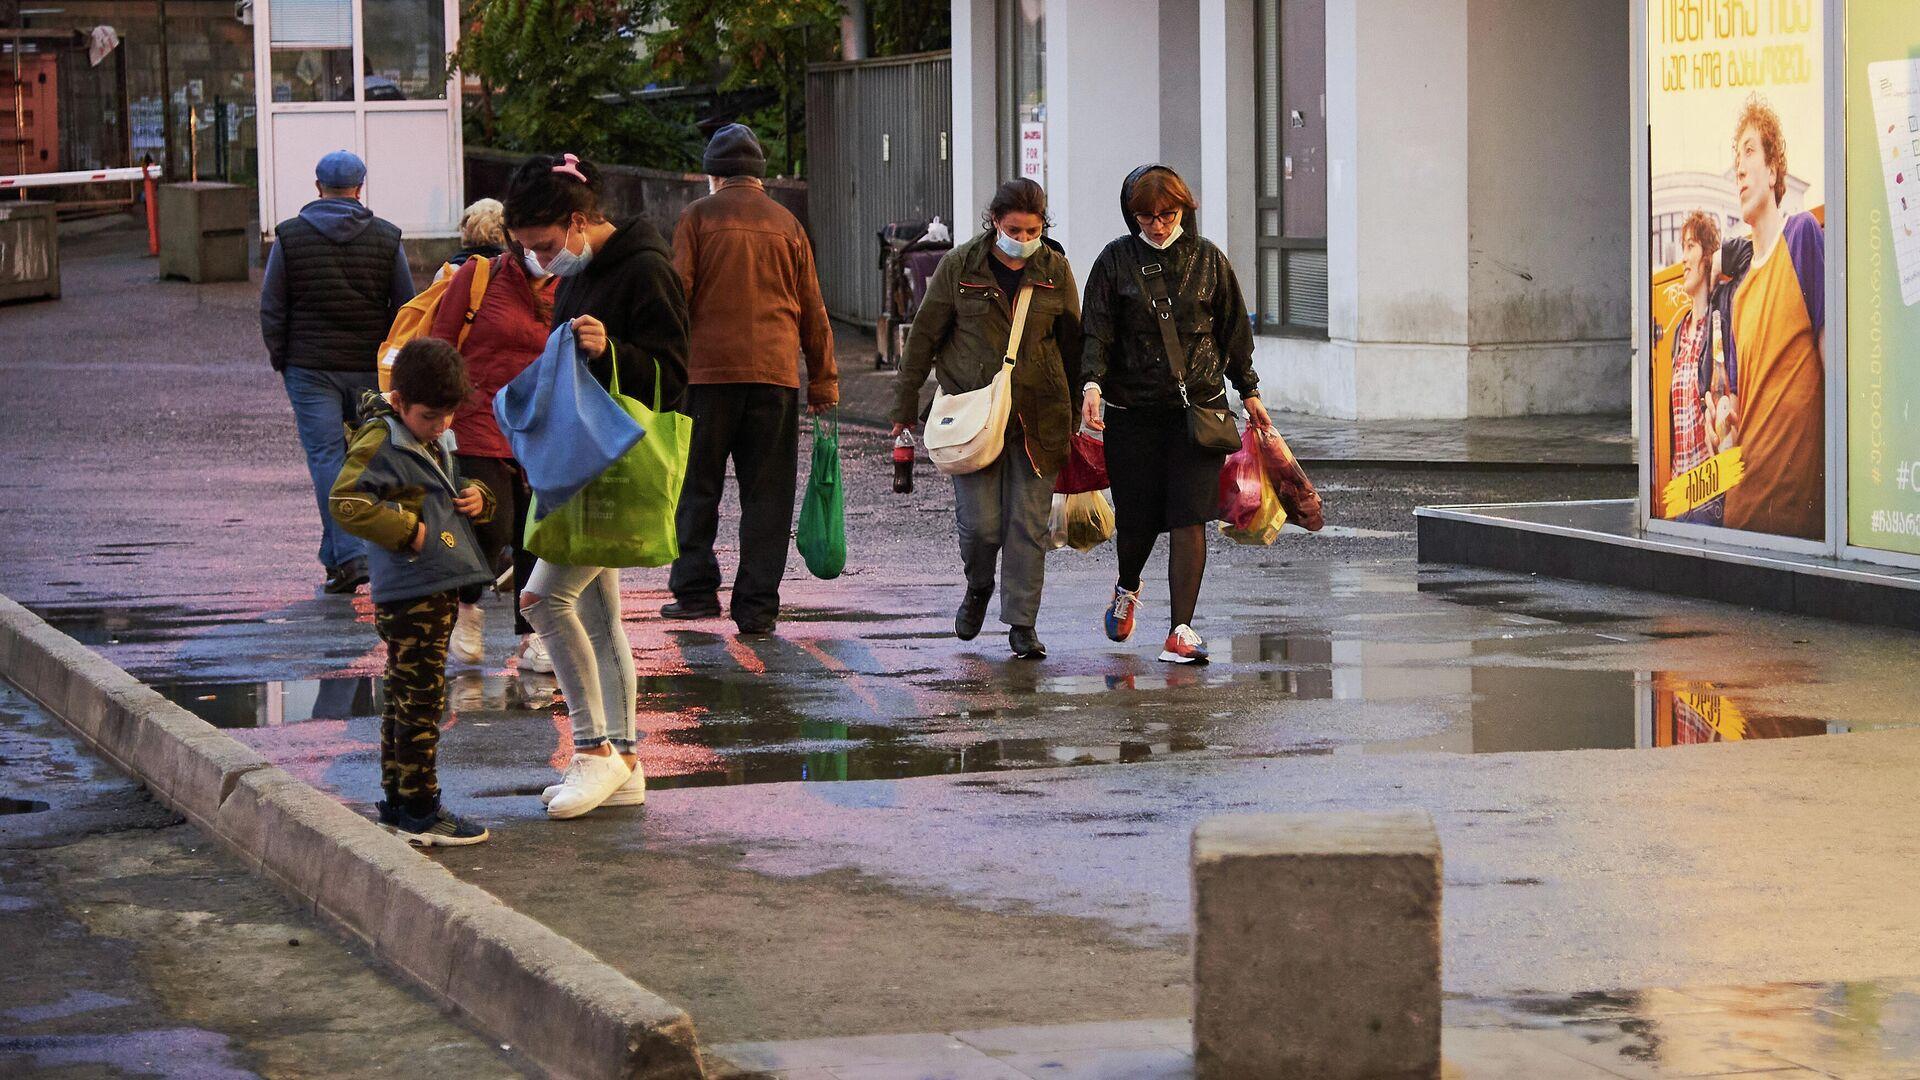 Эпидемия коронавируса - прохожие на улице в масках с покупками, Вокзальная площадь - Sputnik Грузия, 1920, 03.10.2021